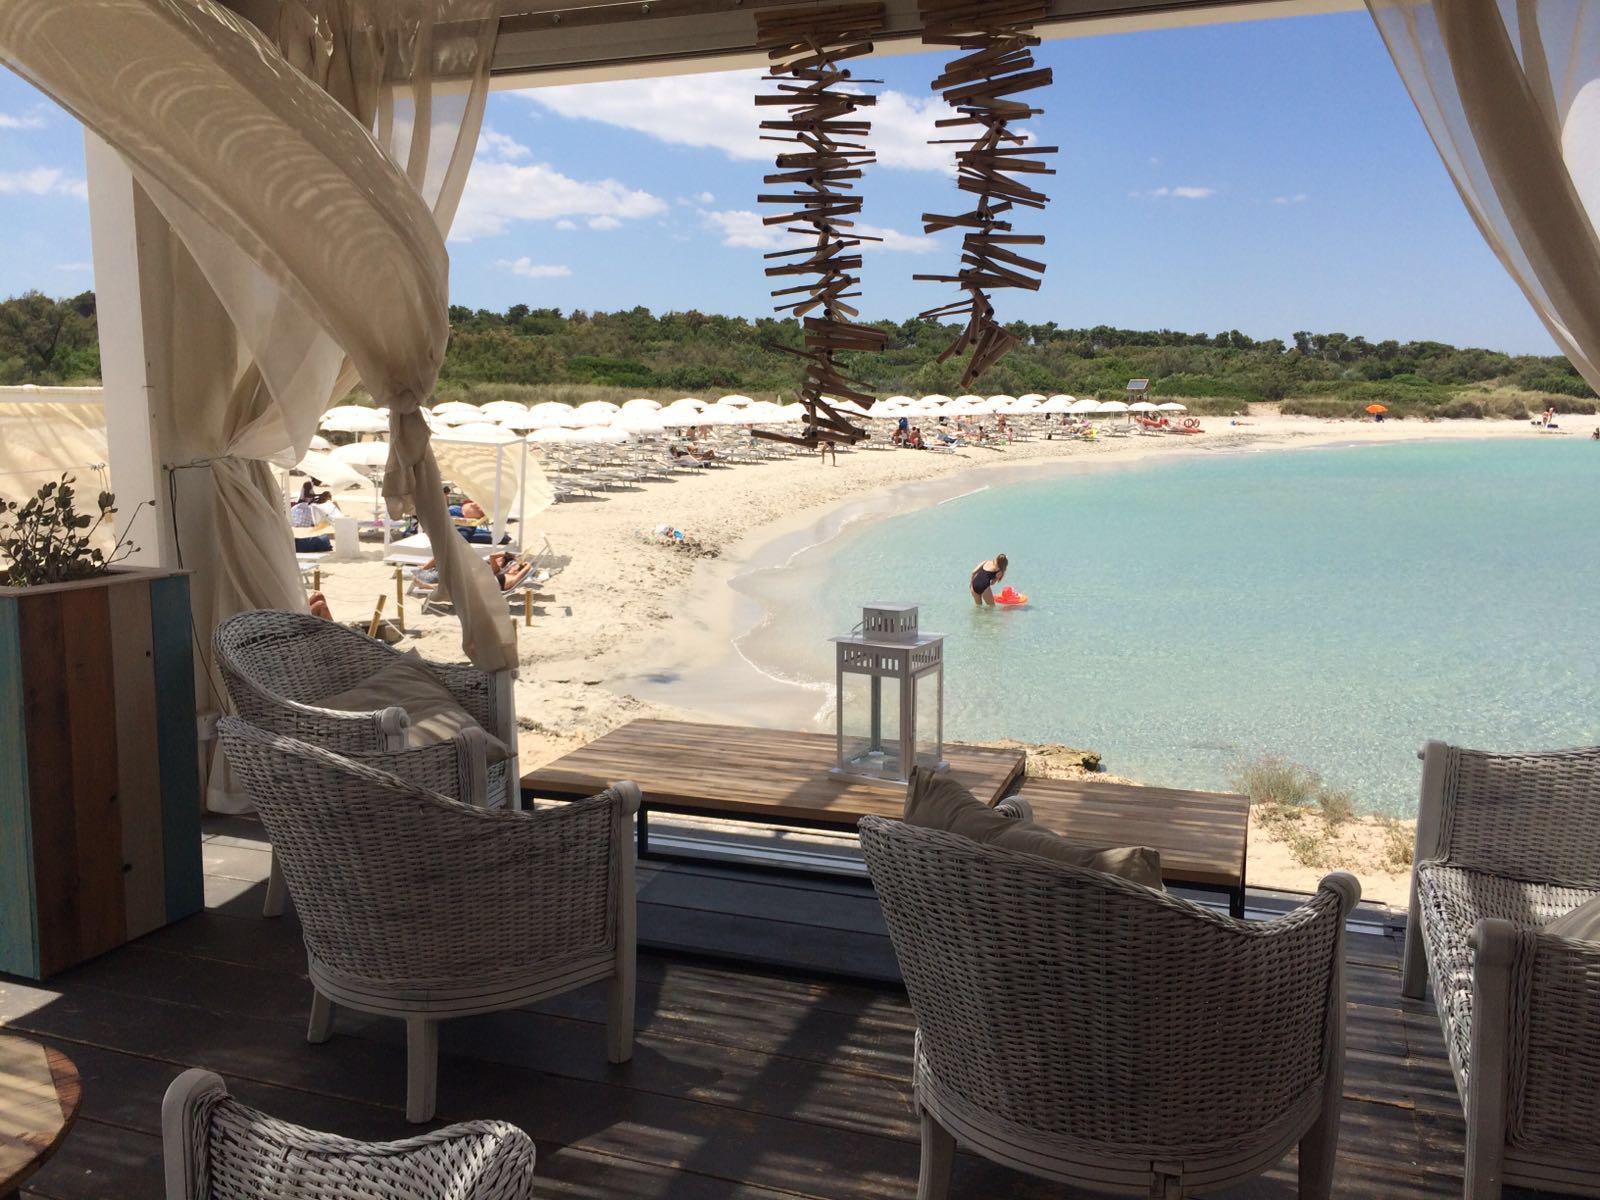 Sud-Est Apulia Salento PugliaSea Beaches